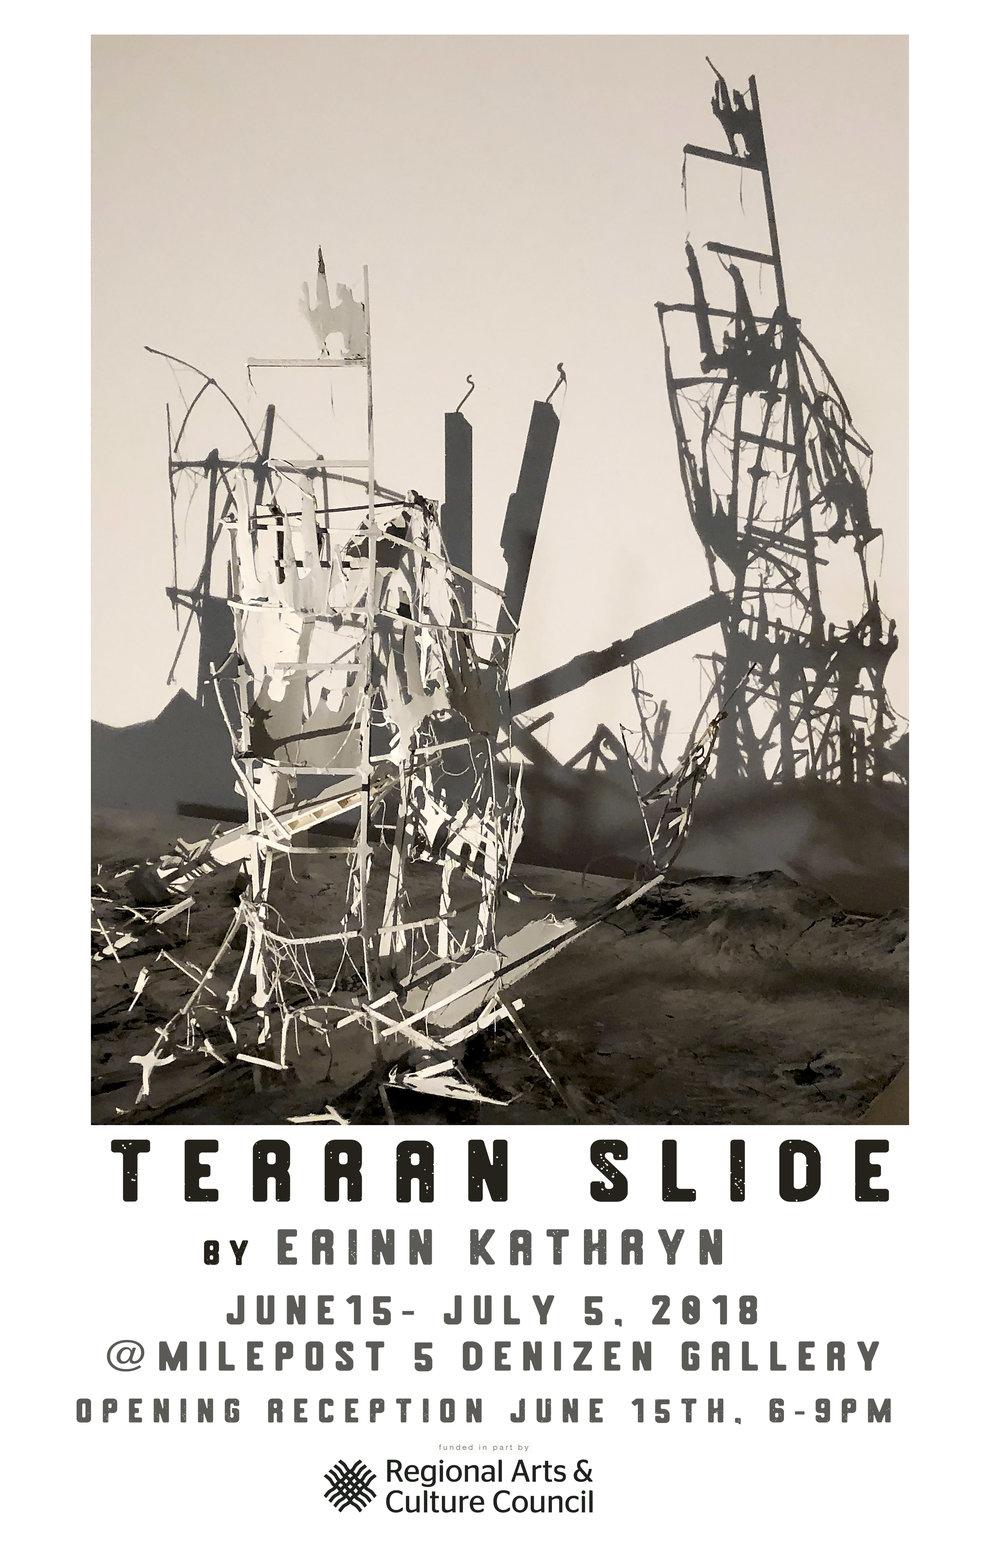 Terran Slide @ Milepost 5